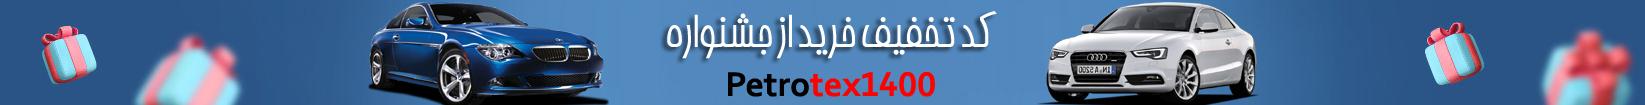 کد تخفیف خرید پتروتکس